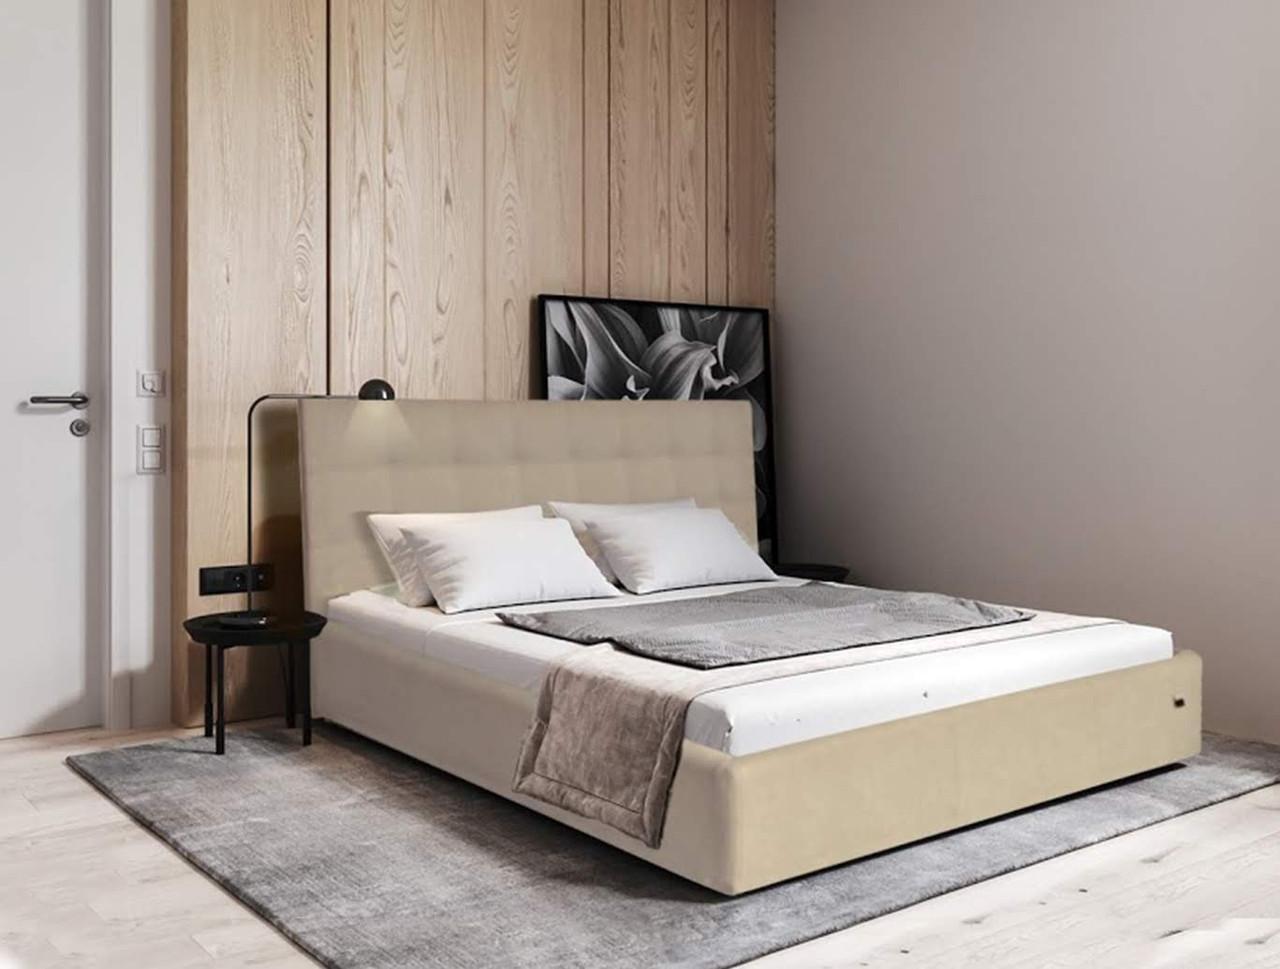 Кровать Chester VIP 140 х 190 см Флай 2207 A1 С дополнительной металлической цельносварной рамой Бежевая